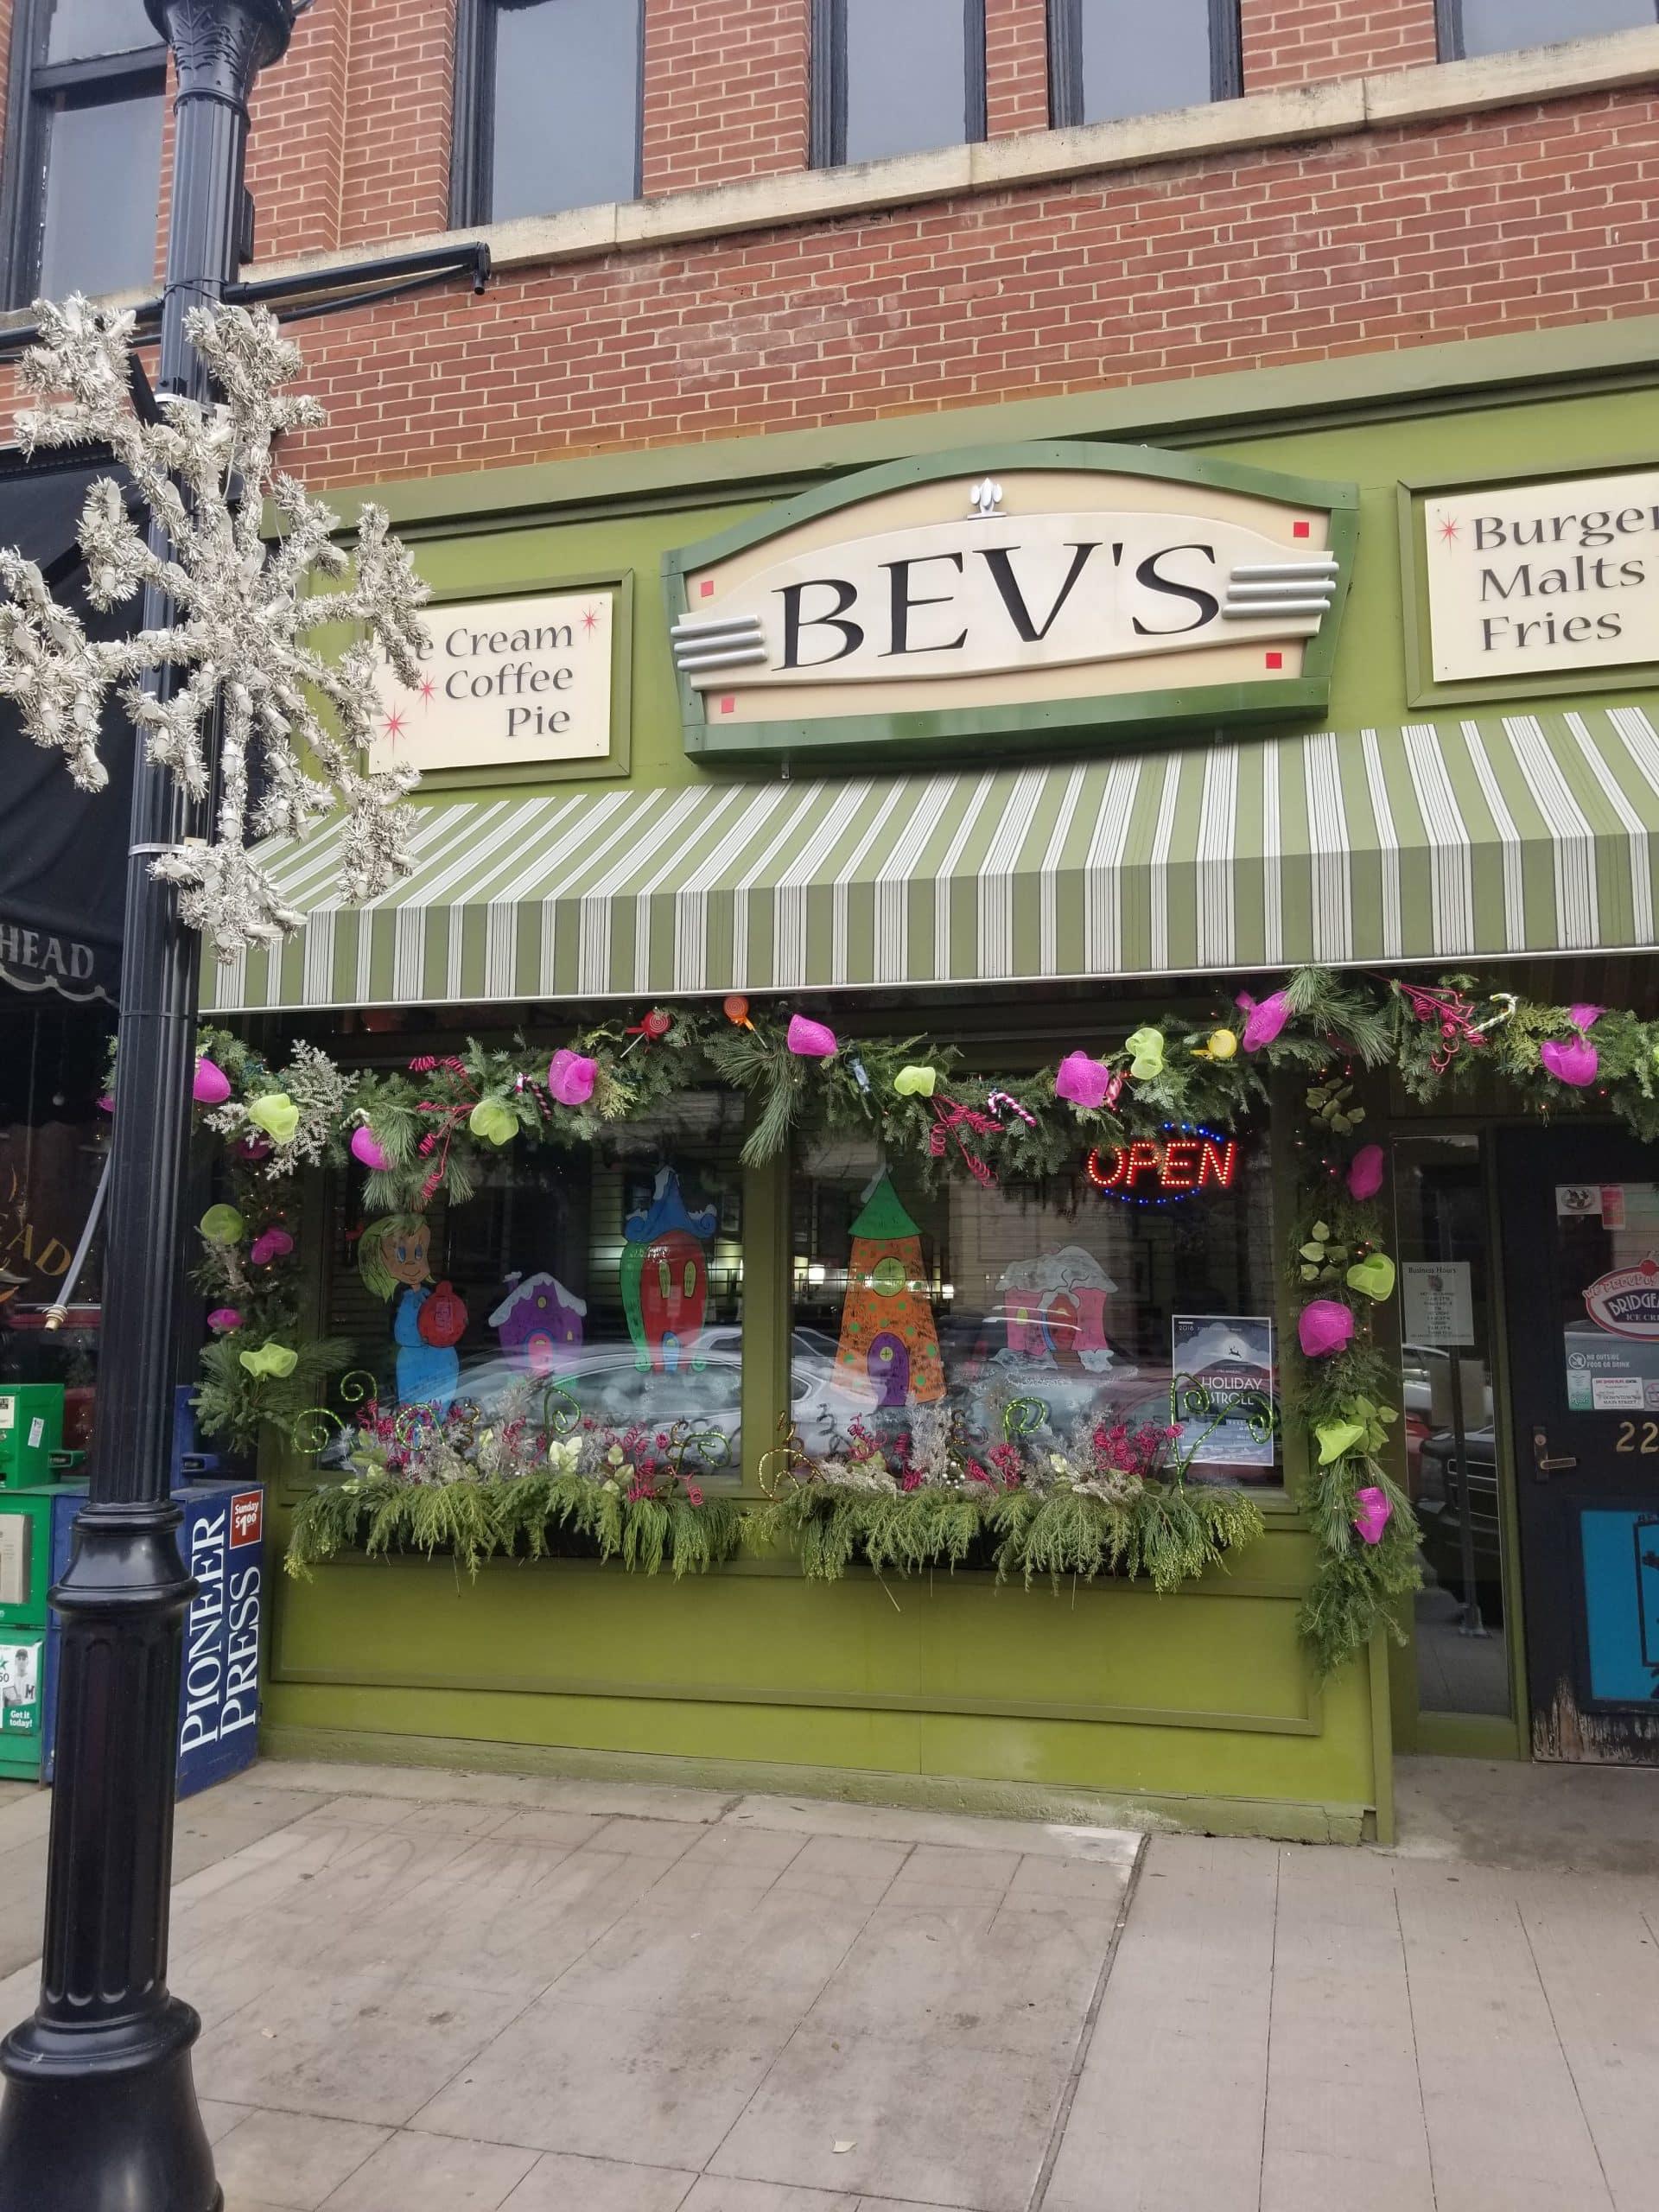 Bev's Cafe